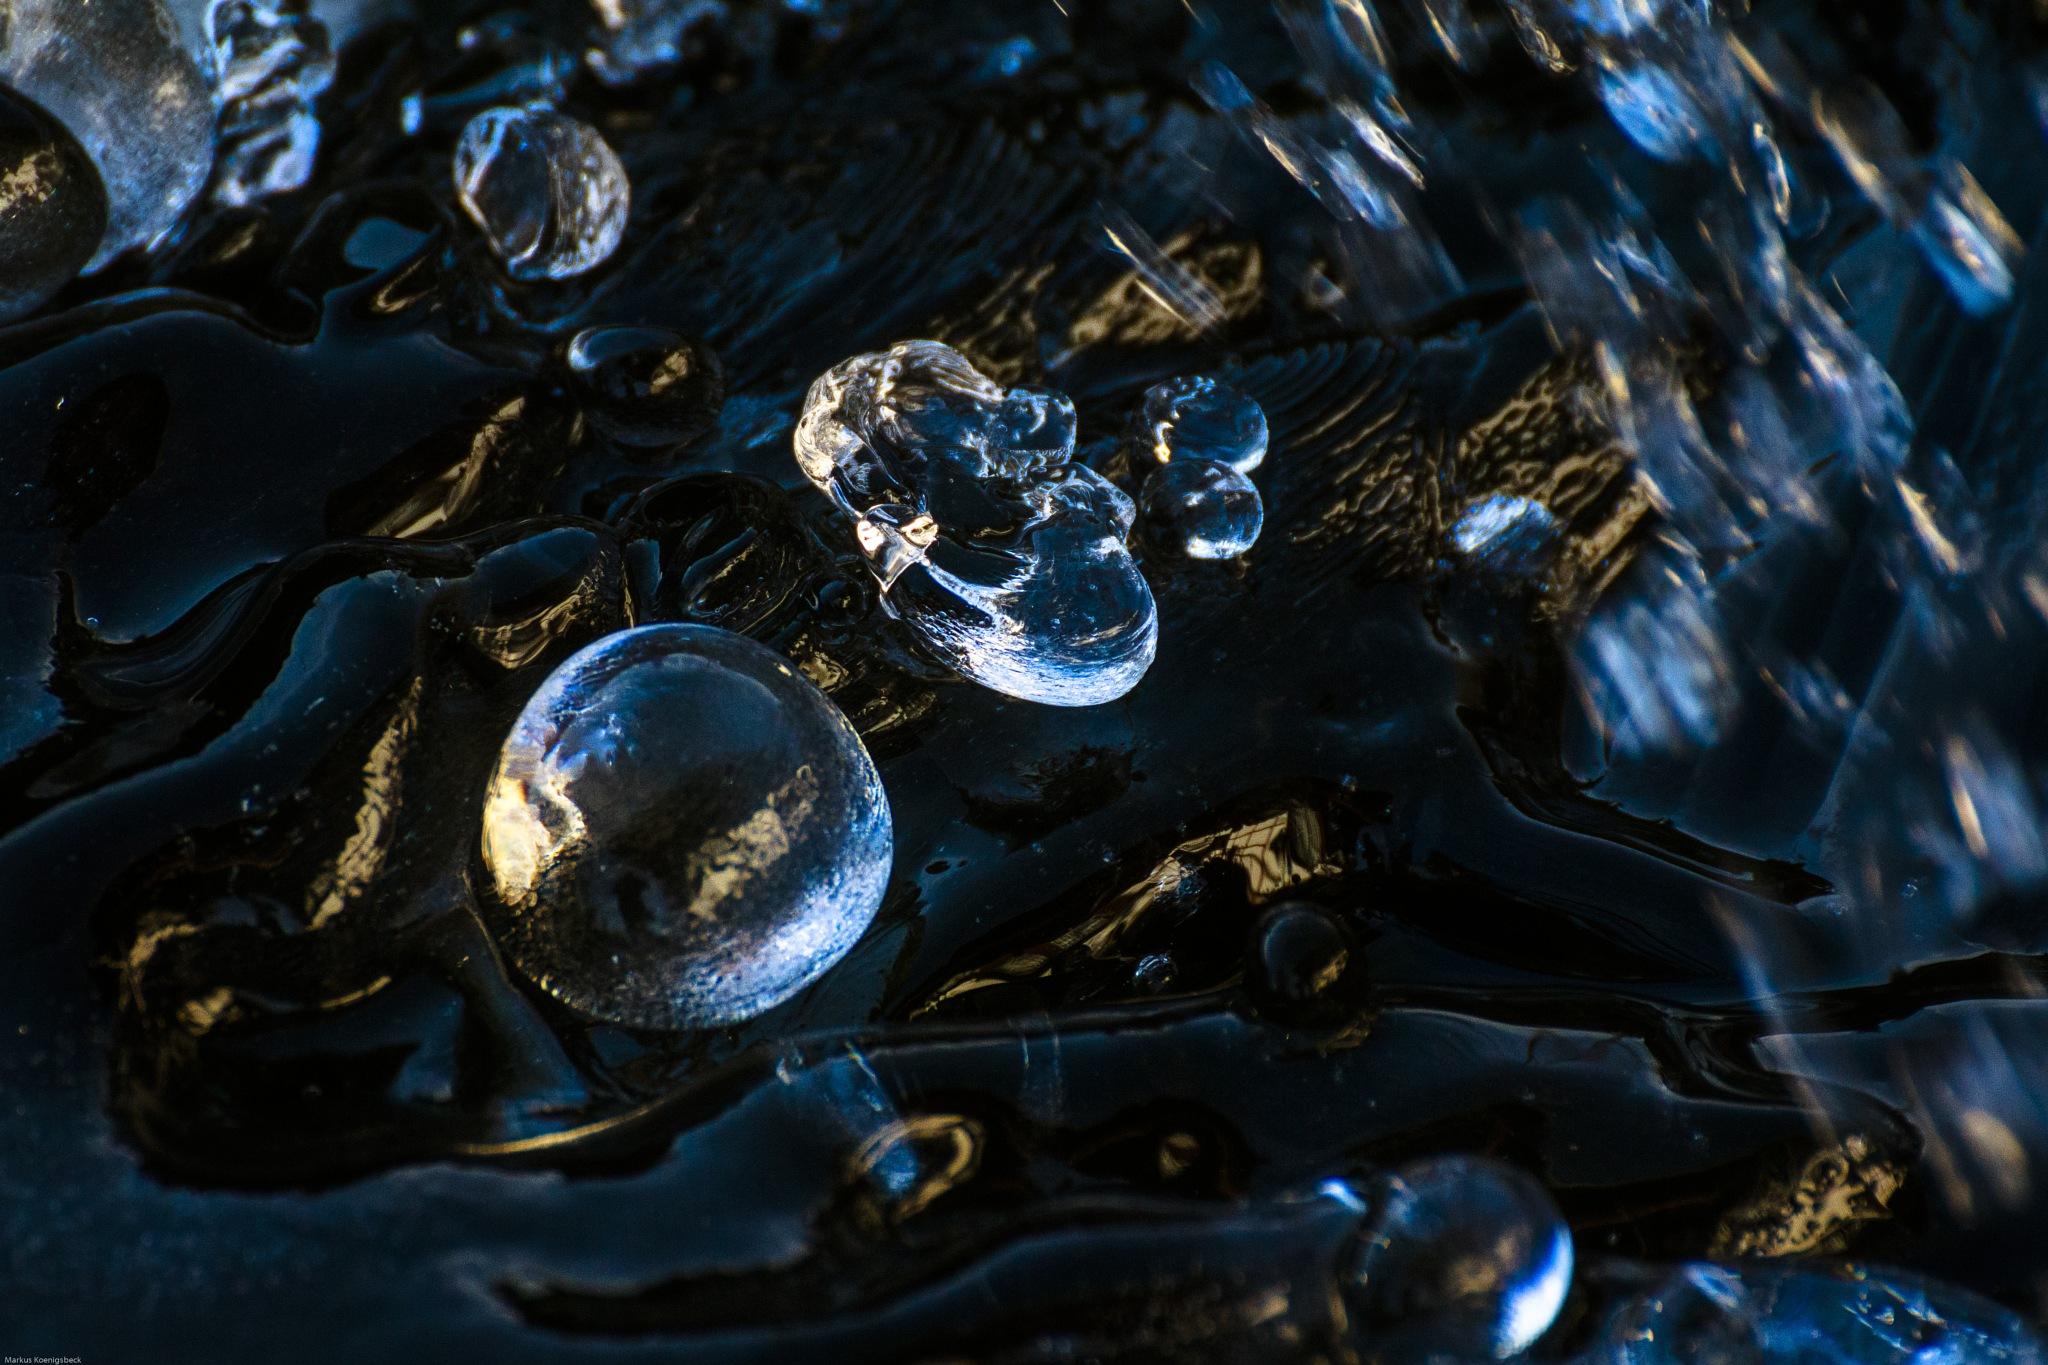 asteroids by Markus Koenigsbeck